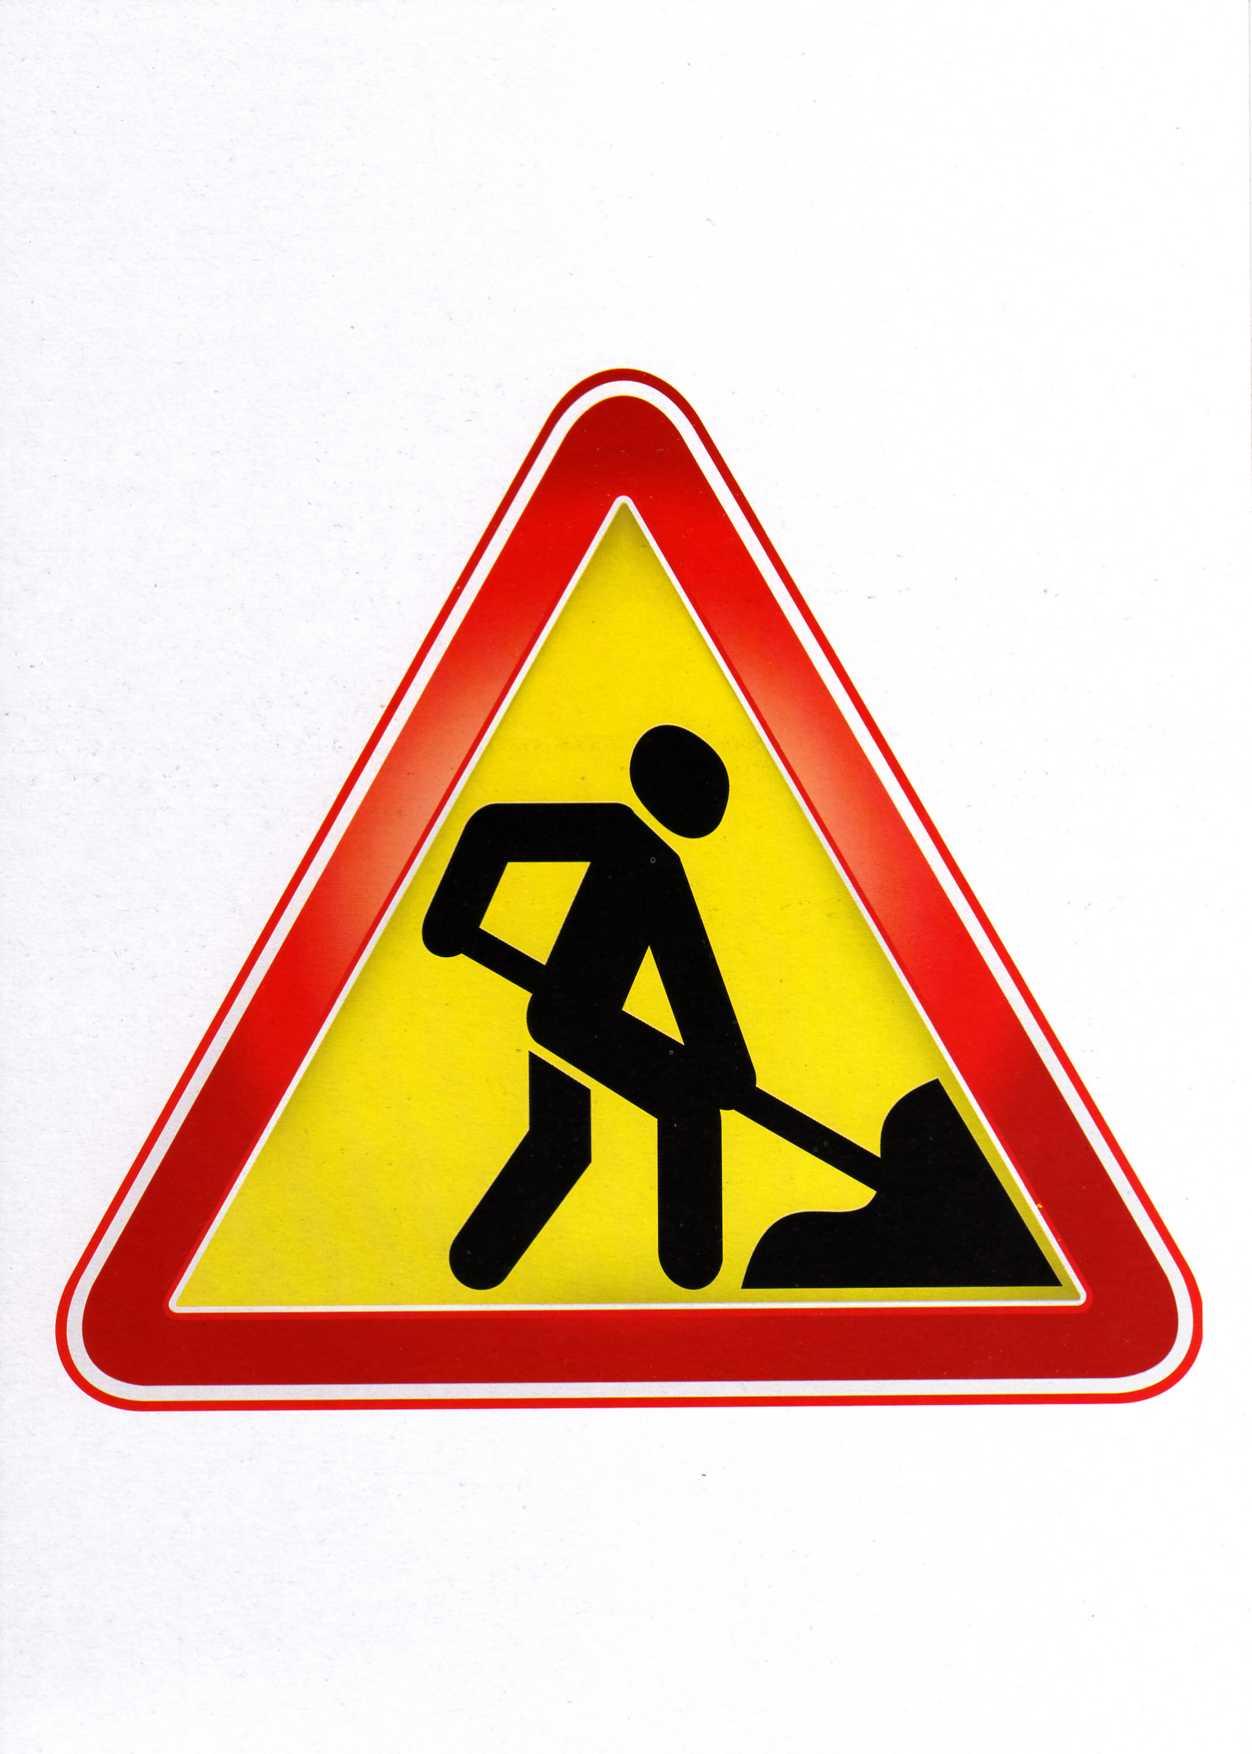 Знак дорожные работы картинки скачать